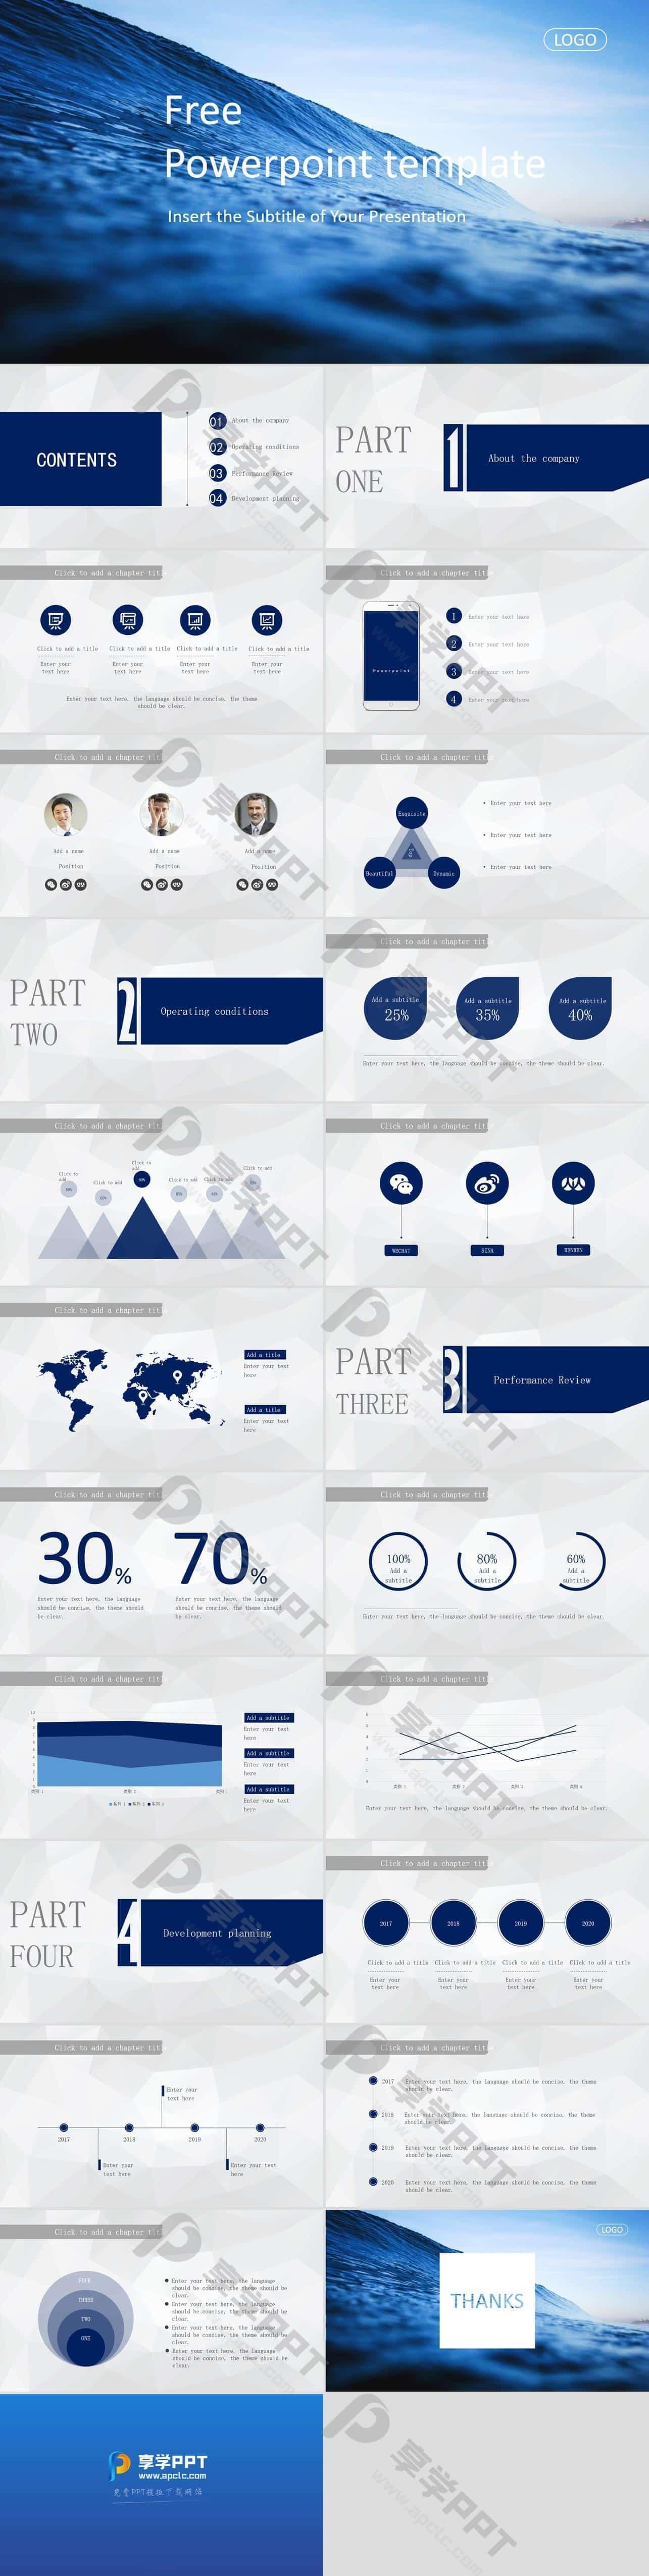 蓝灰色商务PowerPoint模板长图